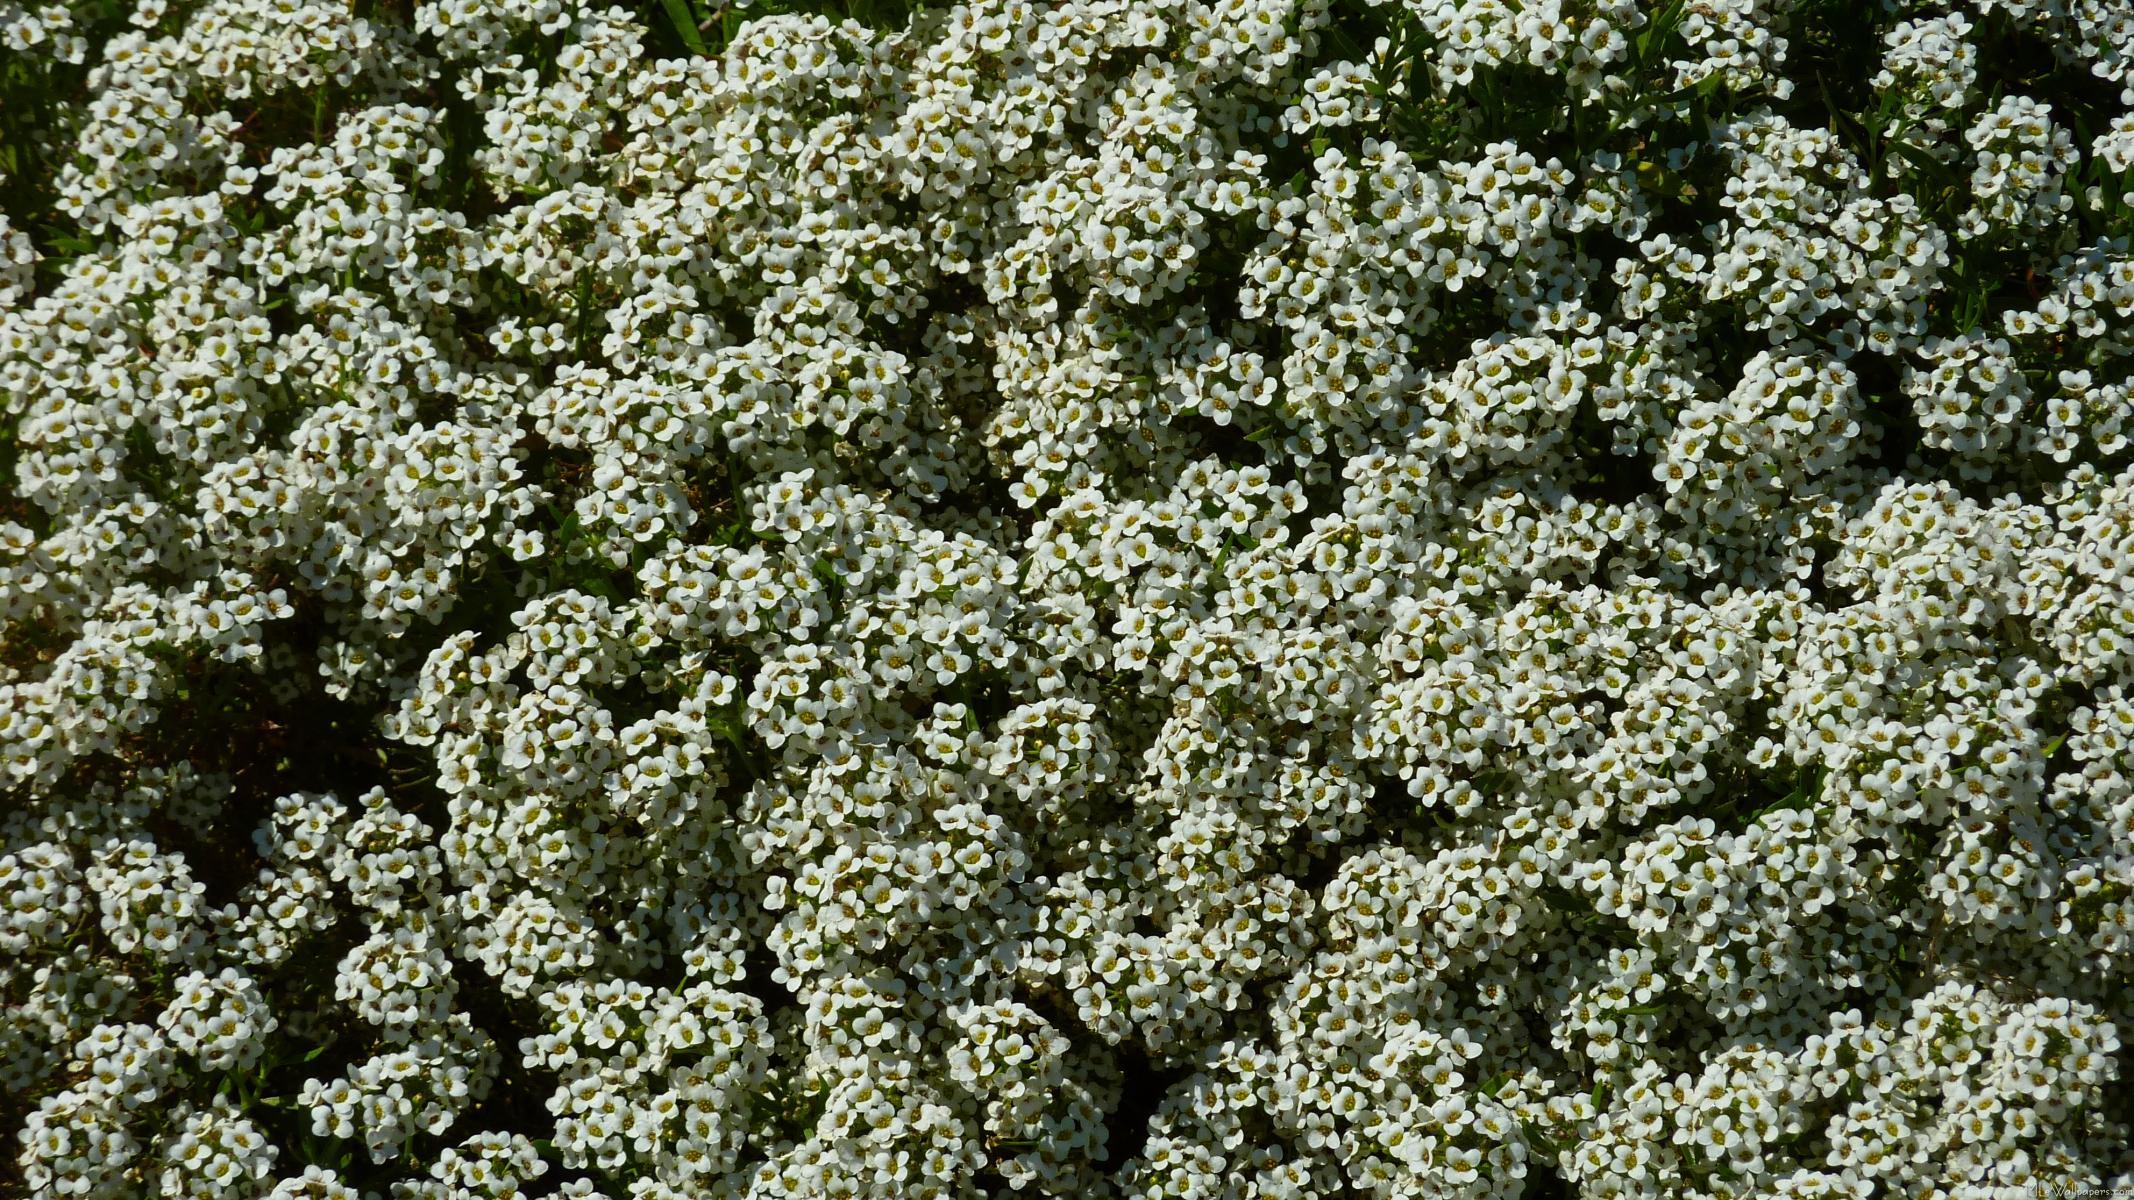 mlewallpapers  sweet alyssum flowers, Natural flower